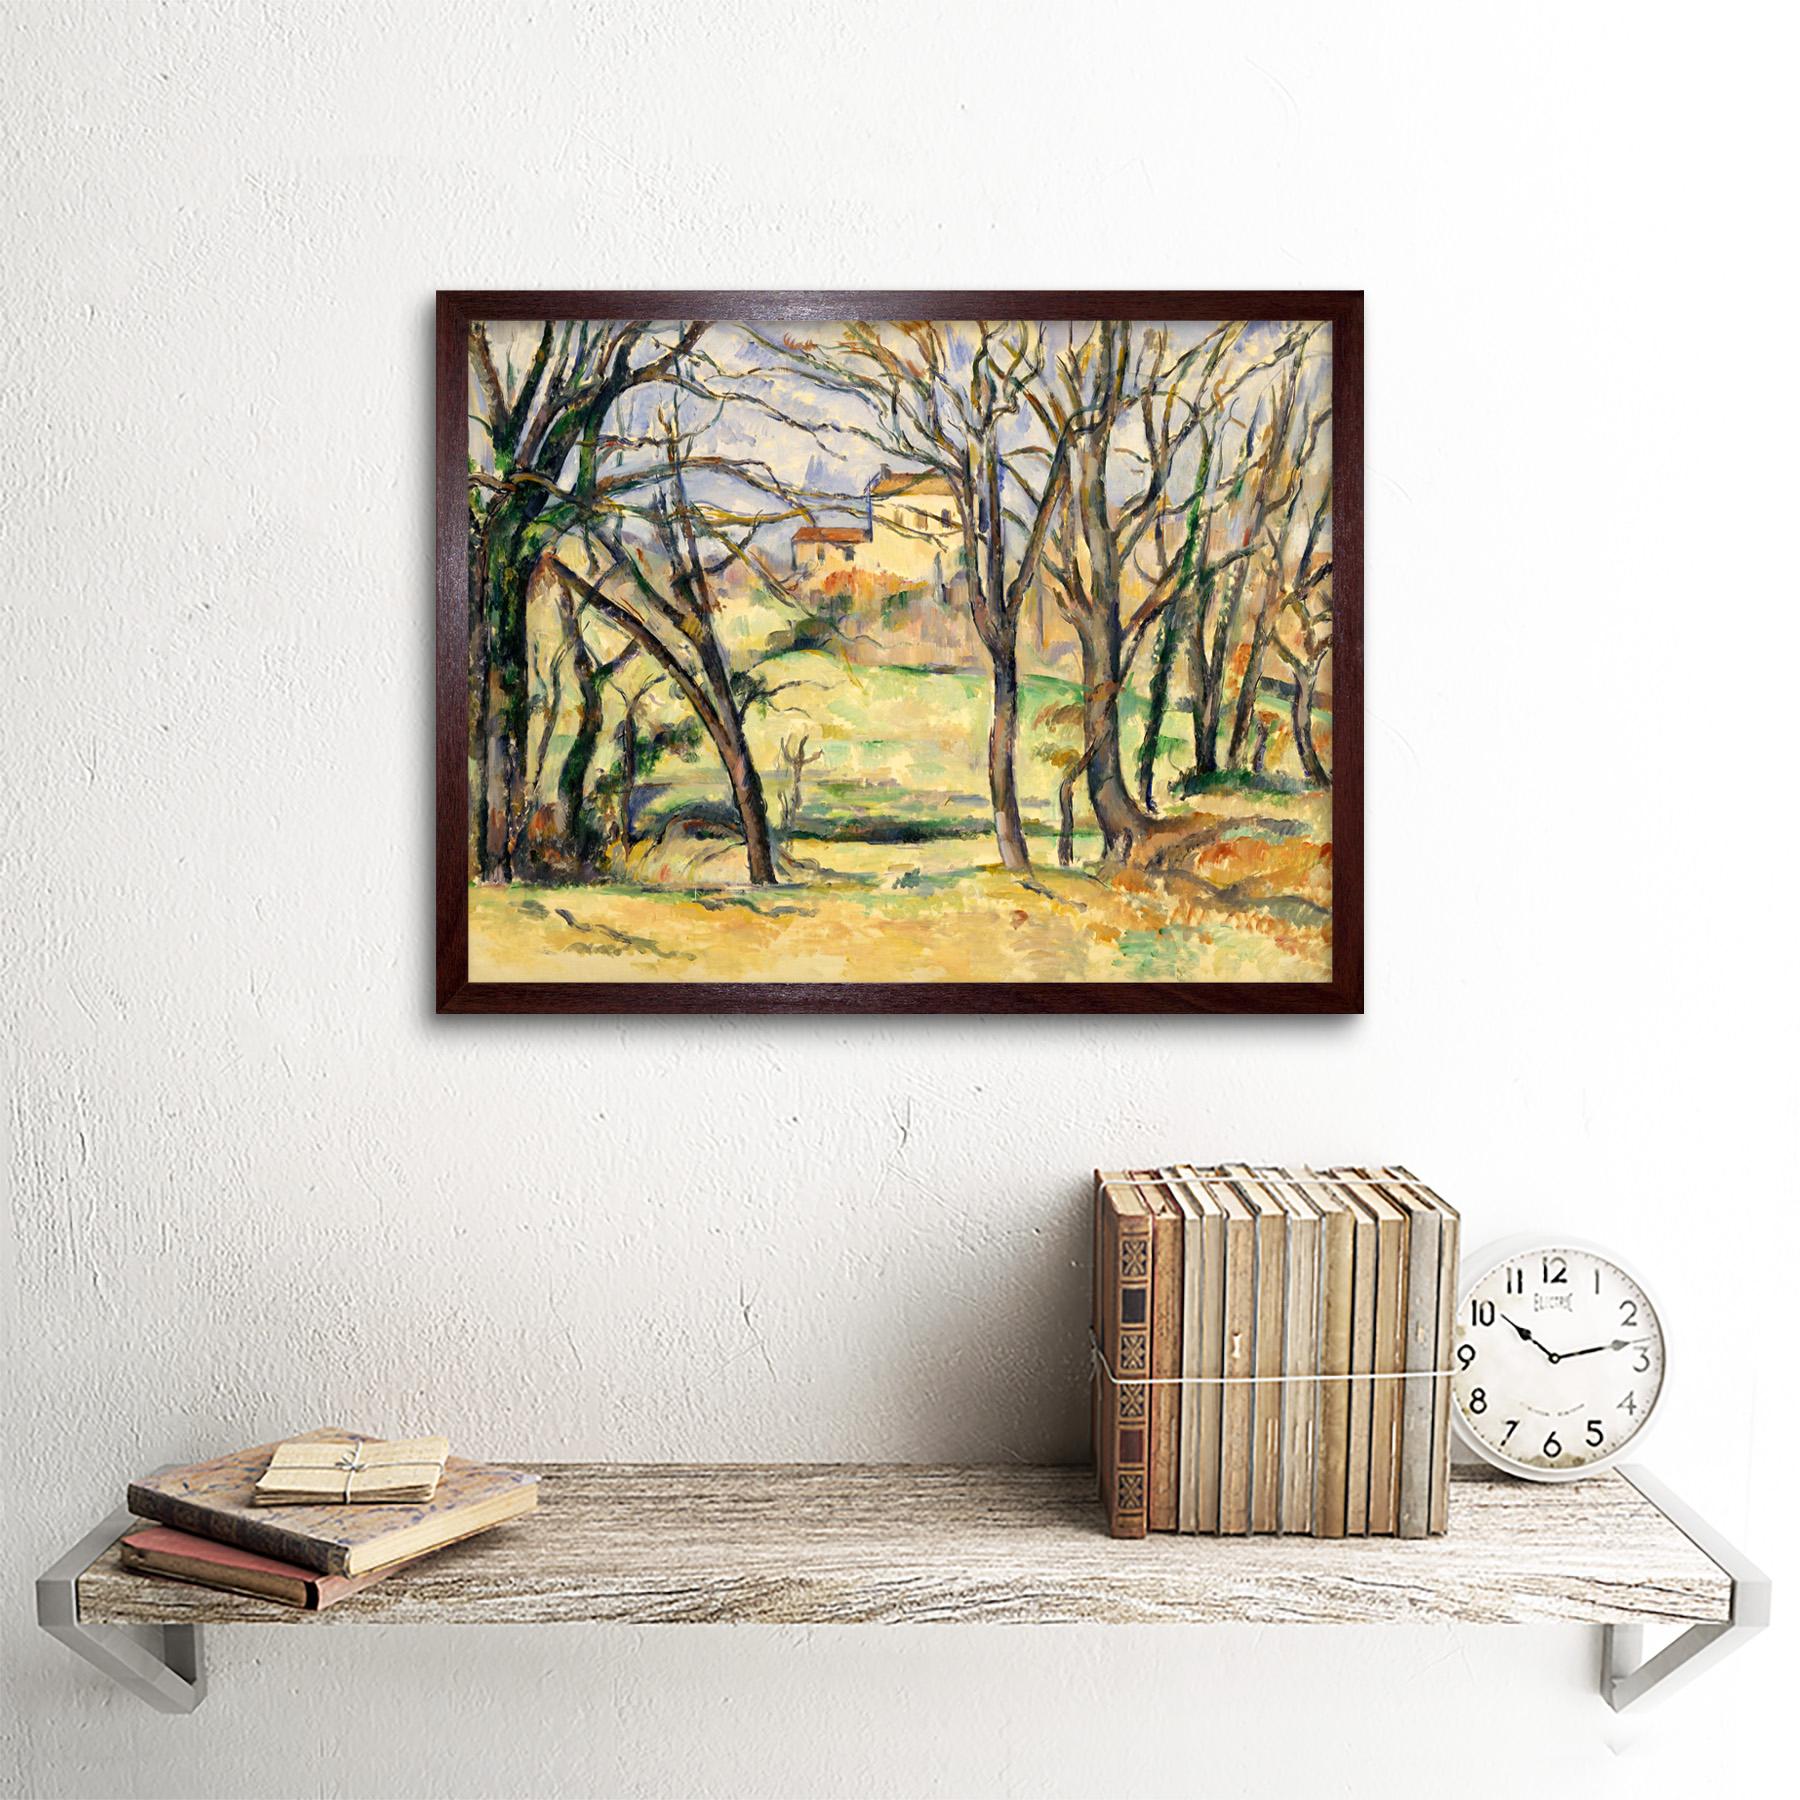 Cezanne-Trees-Houses-Near-Jas-De-Bouffan-Painting-Wall-Art-Print-Framed-12x16 miniatuur 9